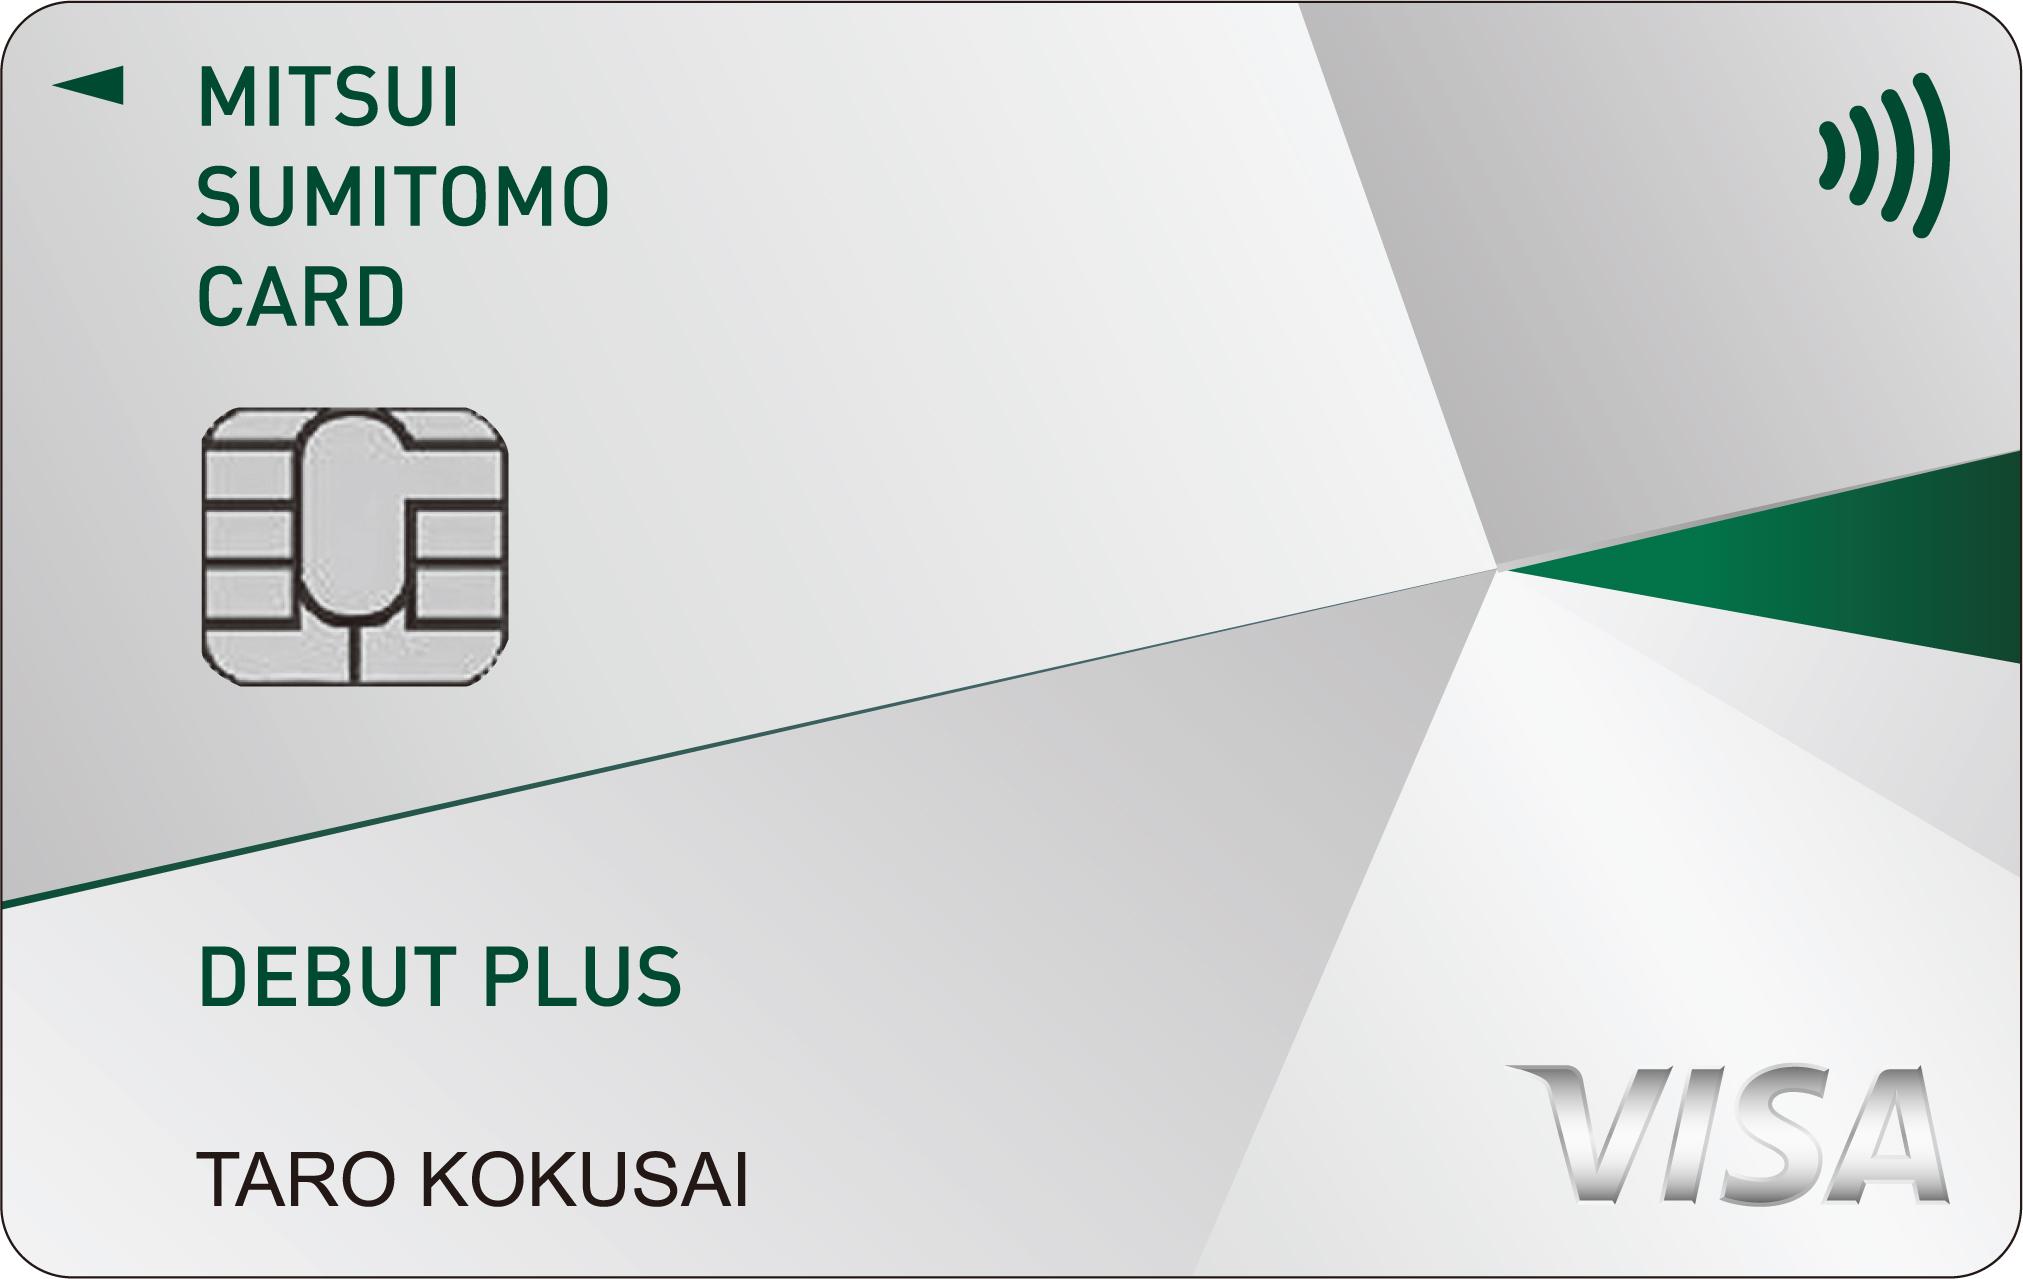 三井住友VISAデビュープラスカード_smbc-card-academy